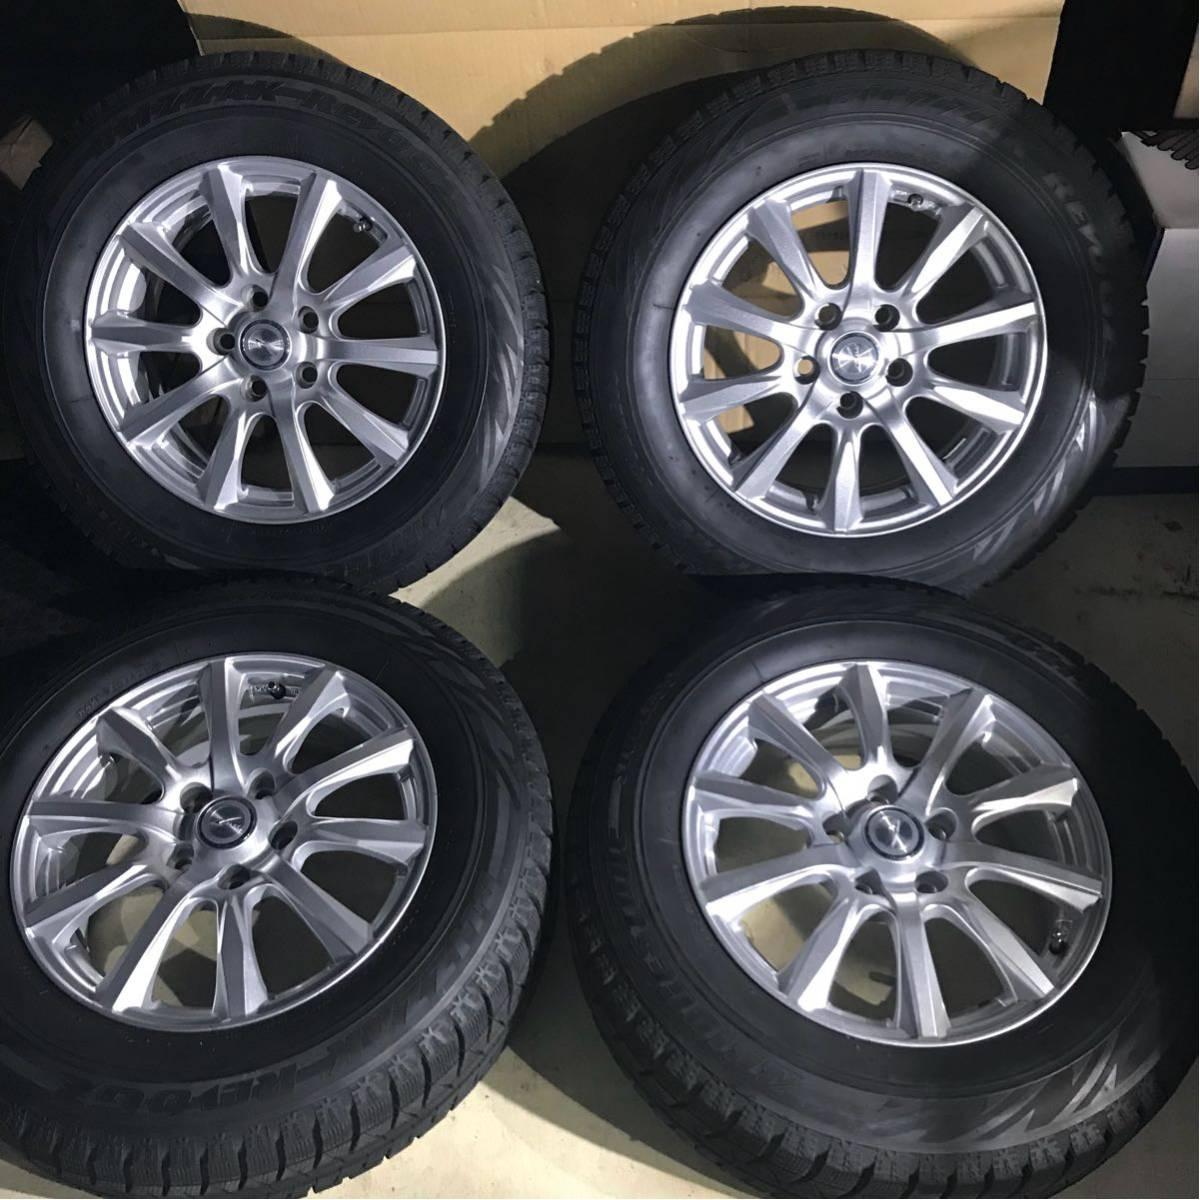 ブリジストン ブリザック REVO GZ 215/65R16 スタッドレスタイヤ ホイール 4本セット アルファード ヴェルファイア トヨタ純正ナット 対応